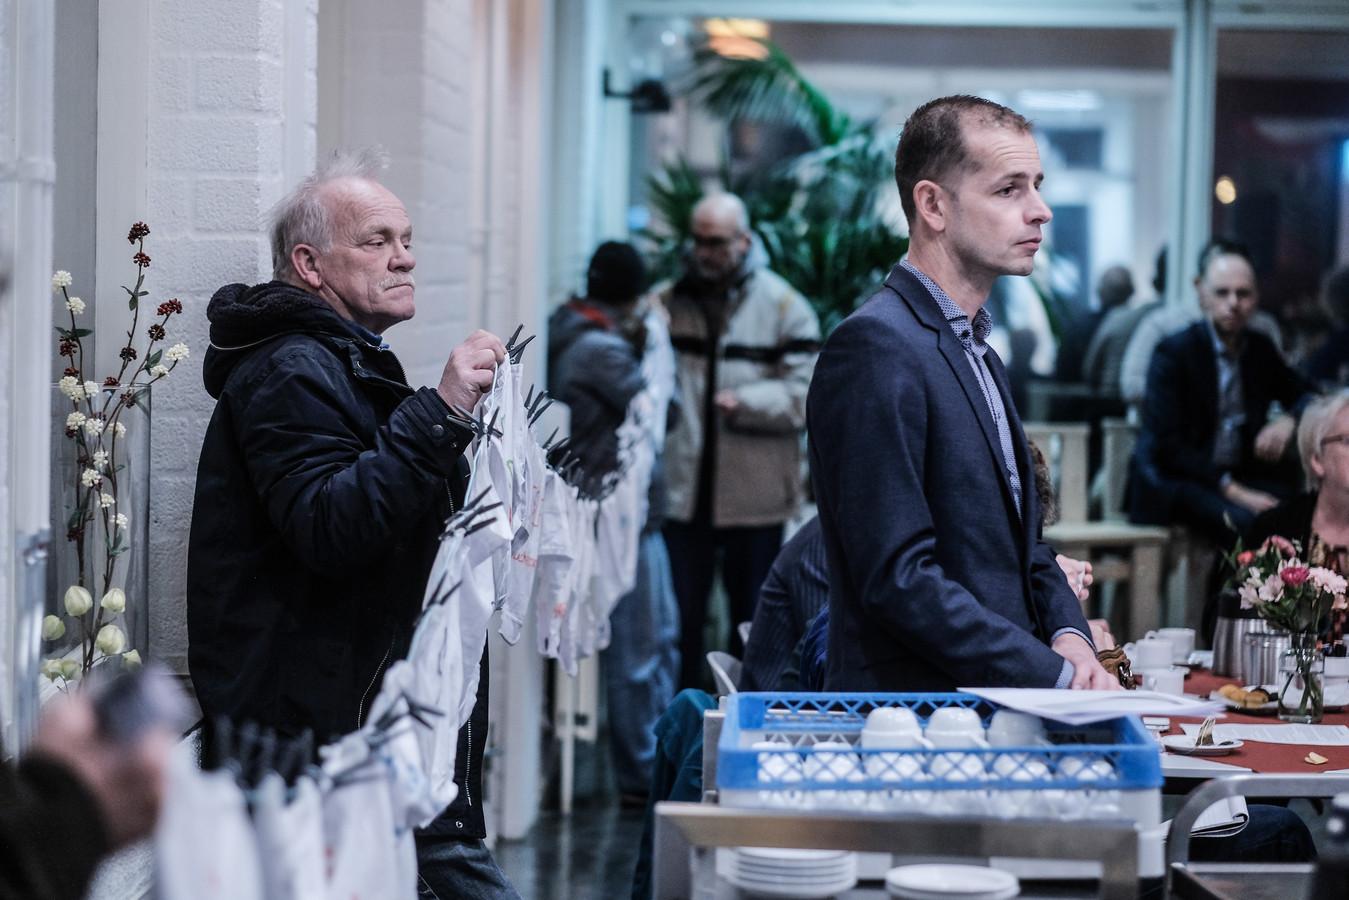 Eerder protest tegen de werkwijze van Laborijn, met rechts Jorik Huizinga, voorzitter van het algemeen bestuur.